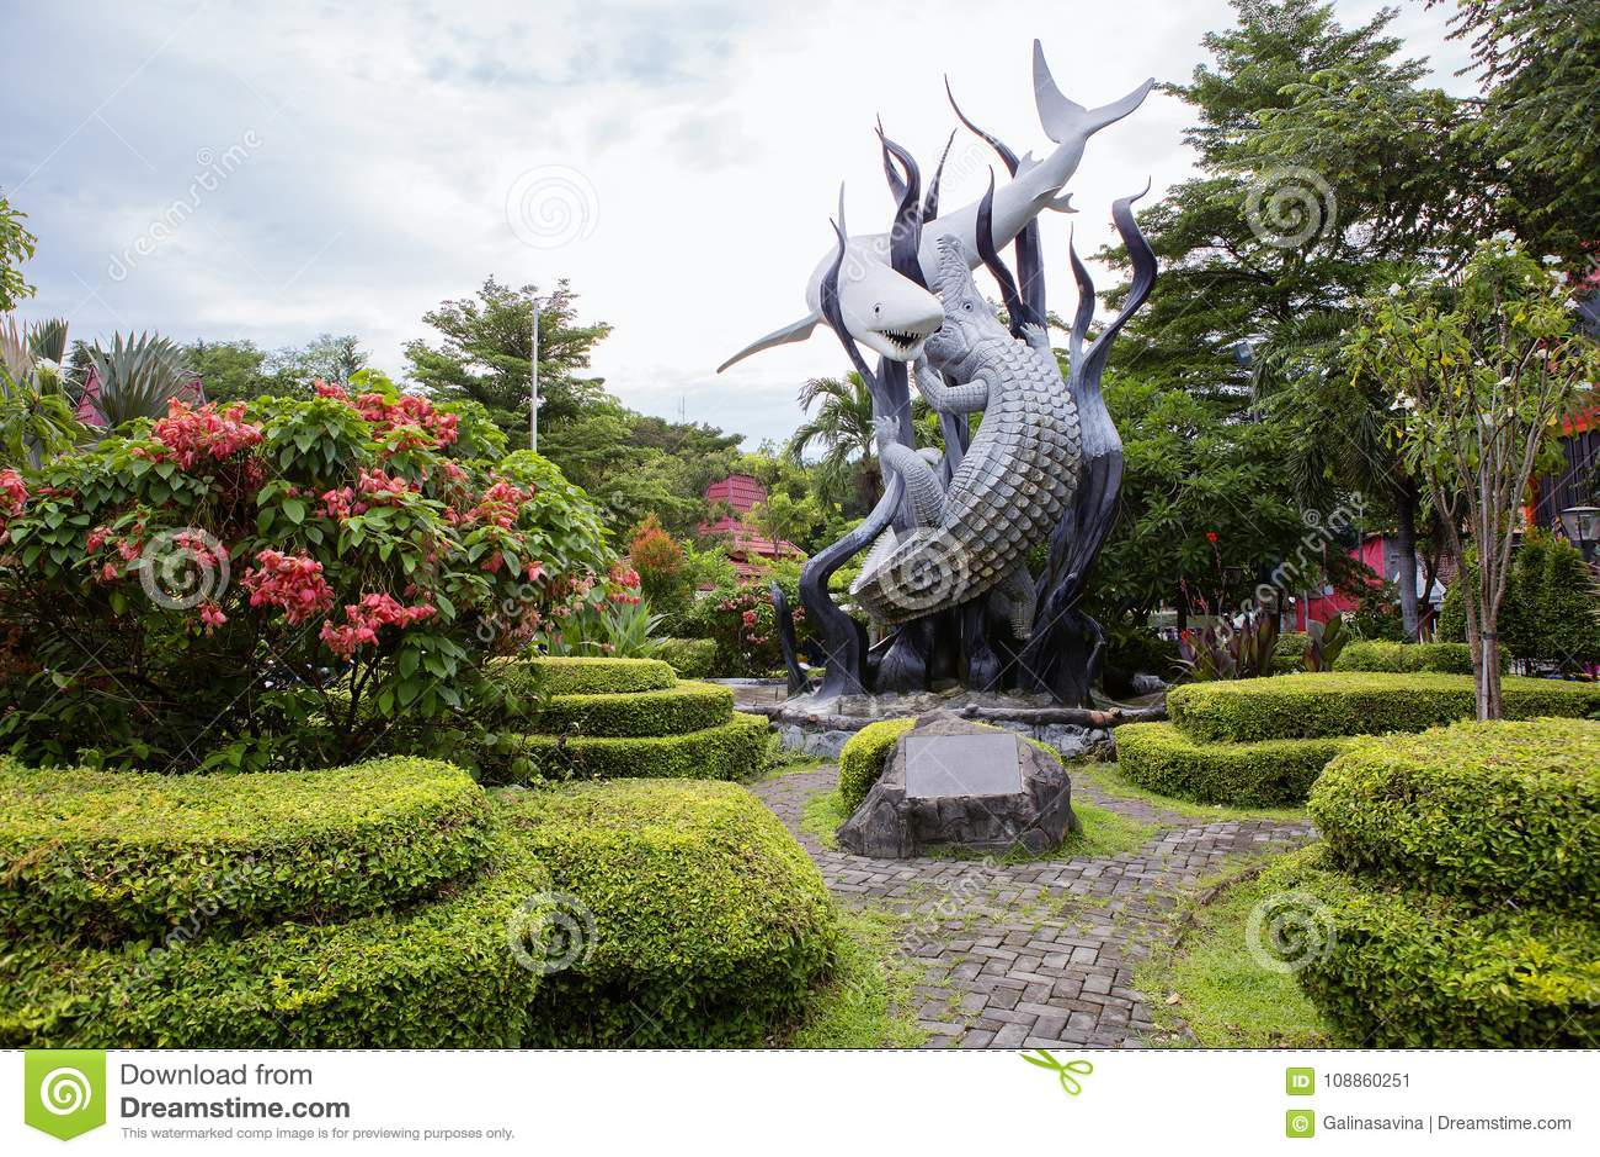 Indonesien surabaya Monument ` der Haifisch und das Krokodil ` als das Symbol von Surabaya